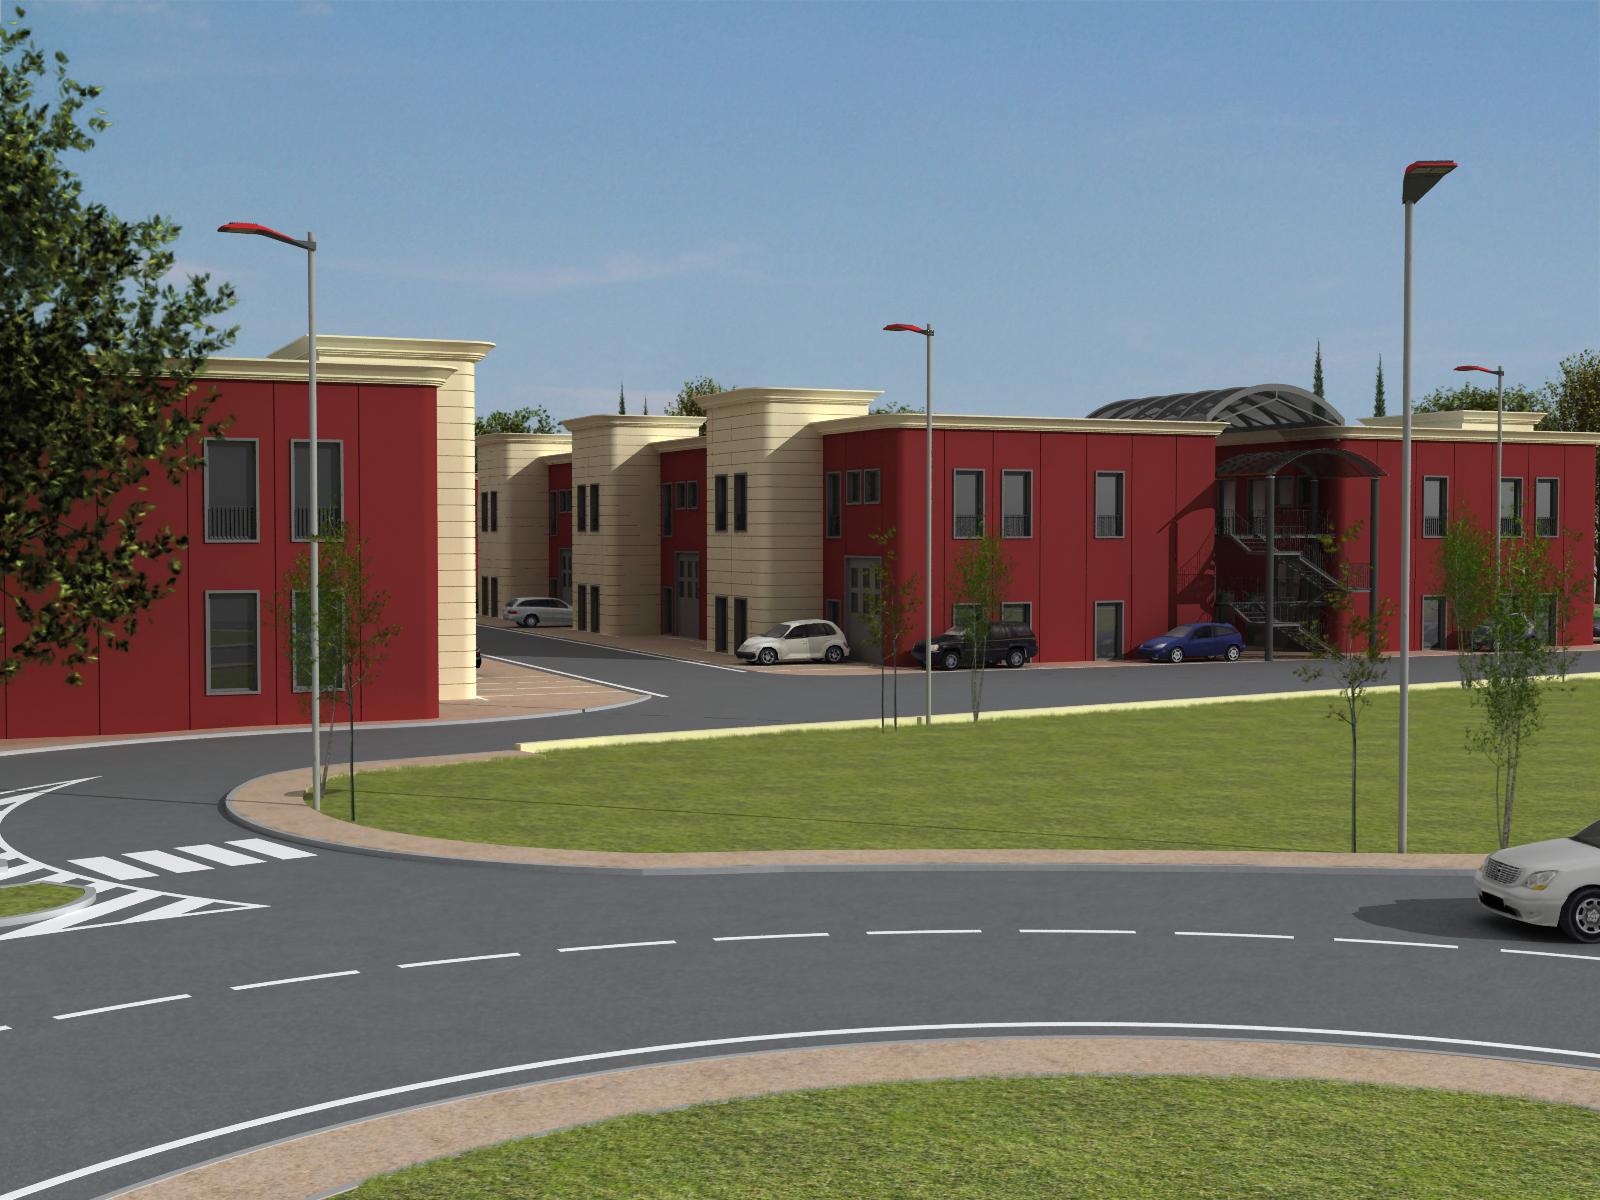 nuova-costruzione-di-fabbricati-artigianali-in-lucca-frazione-di-san-filippo-image-2